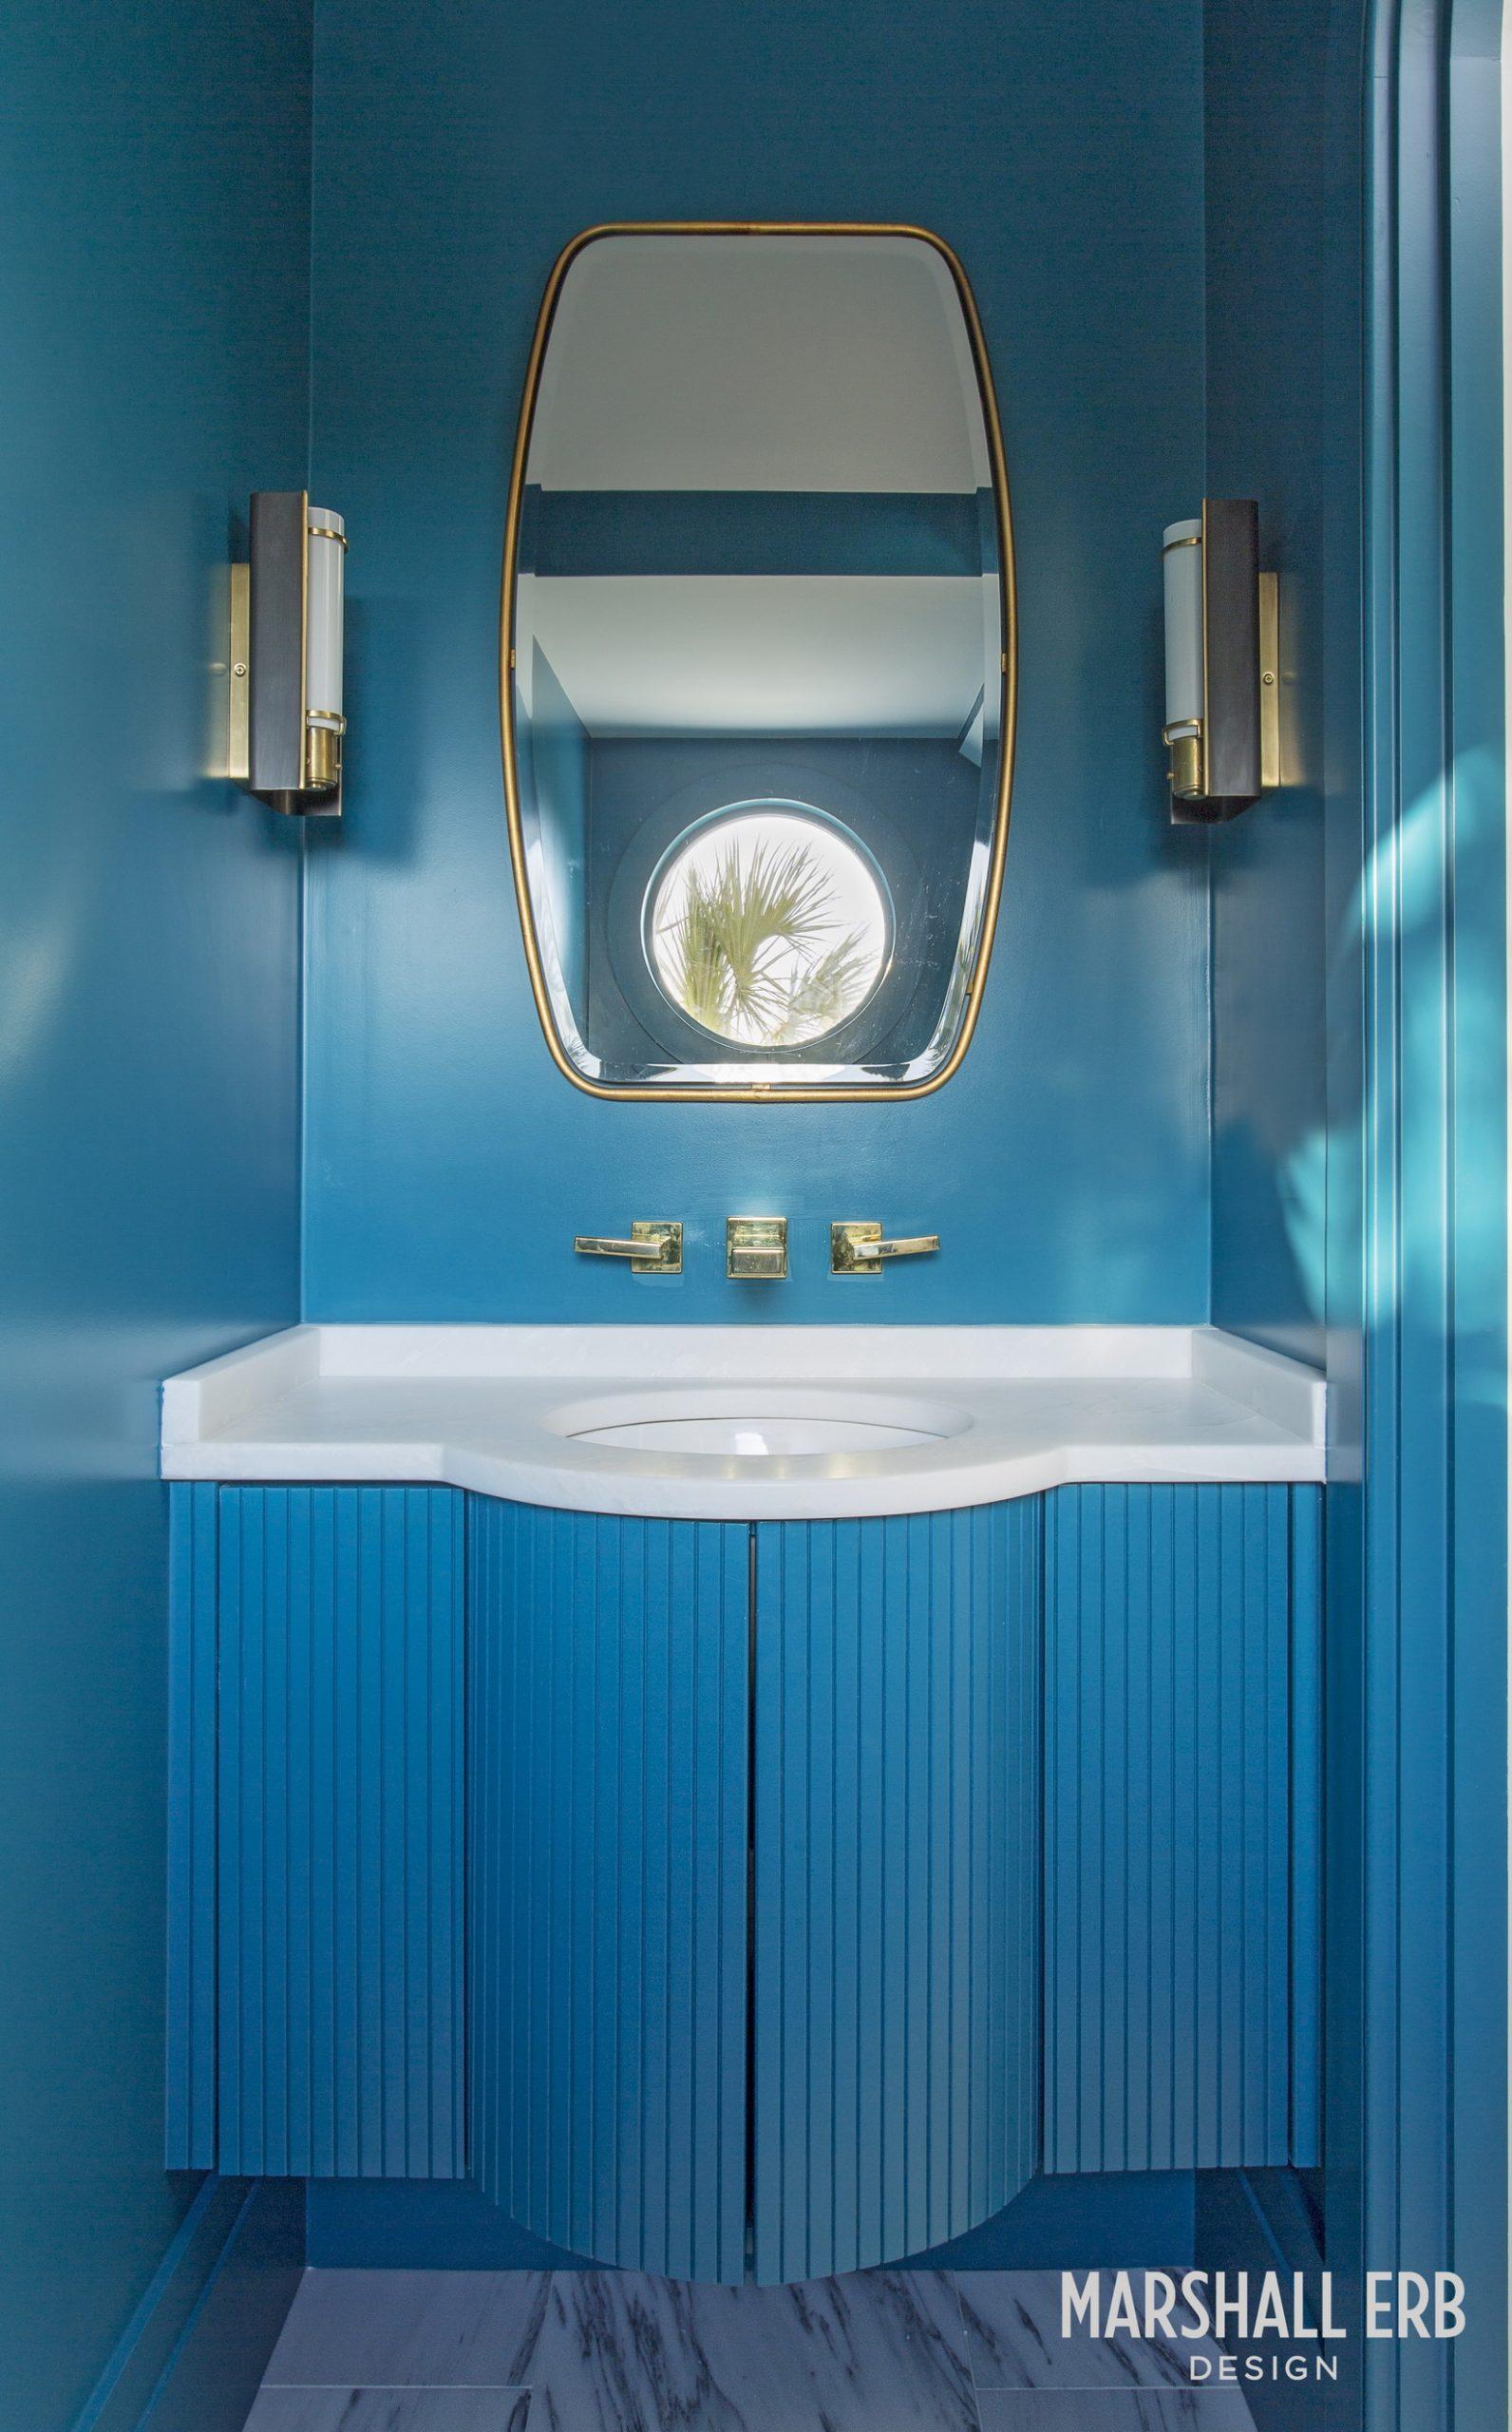 Marshall-Erb-Design-Beach-House-Bathroom